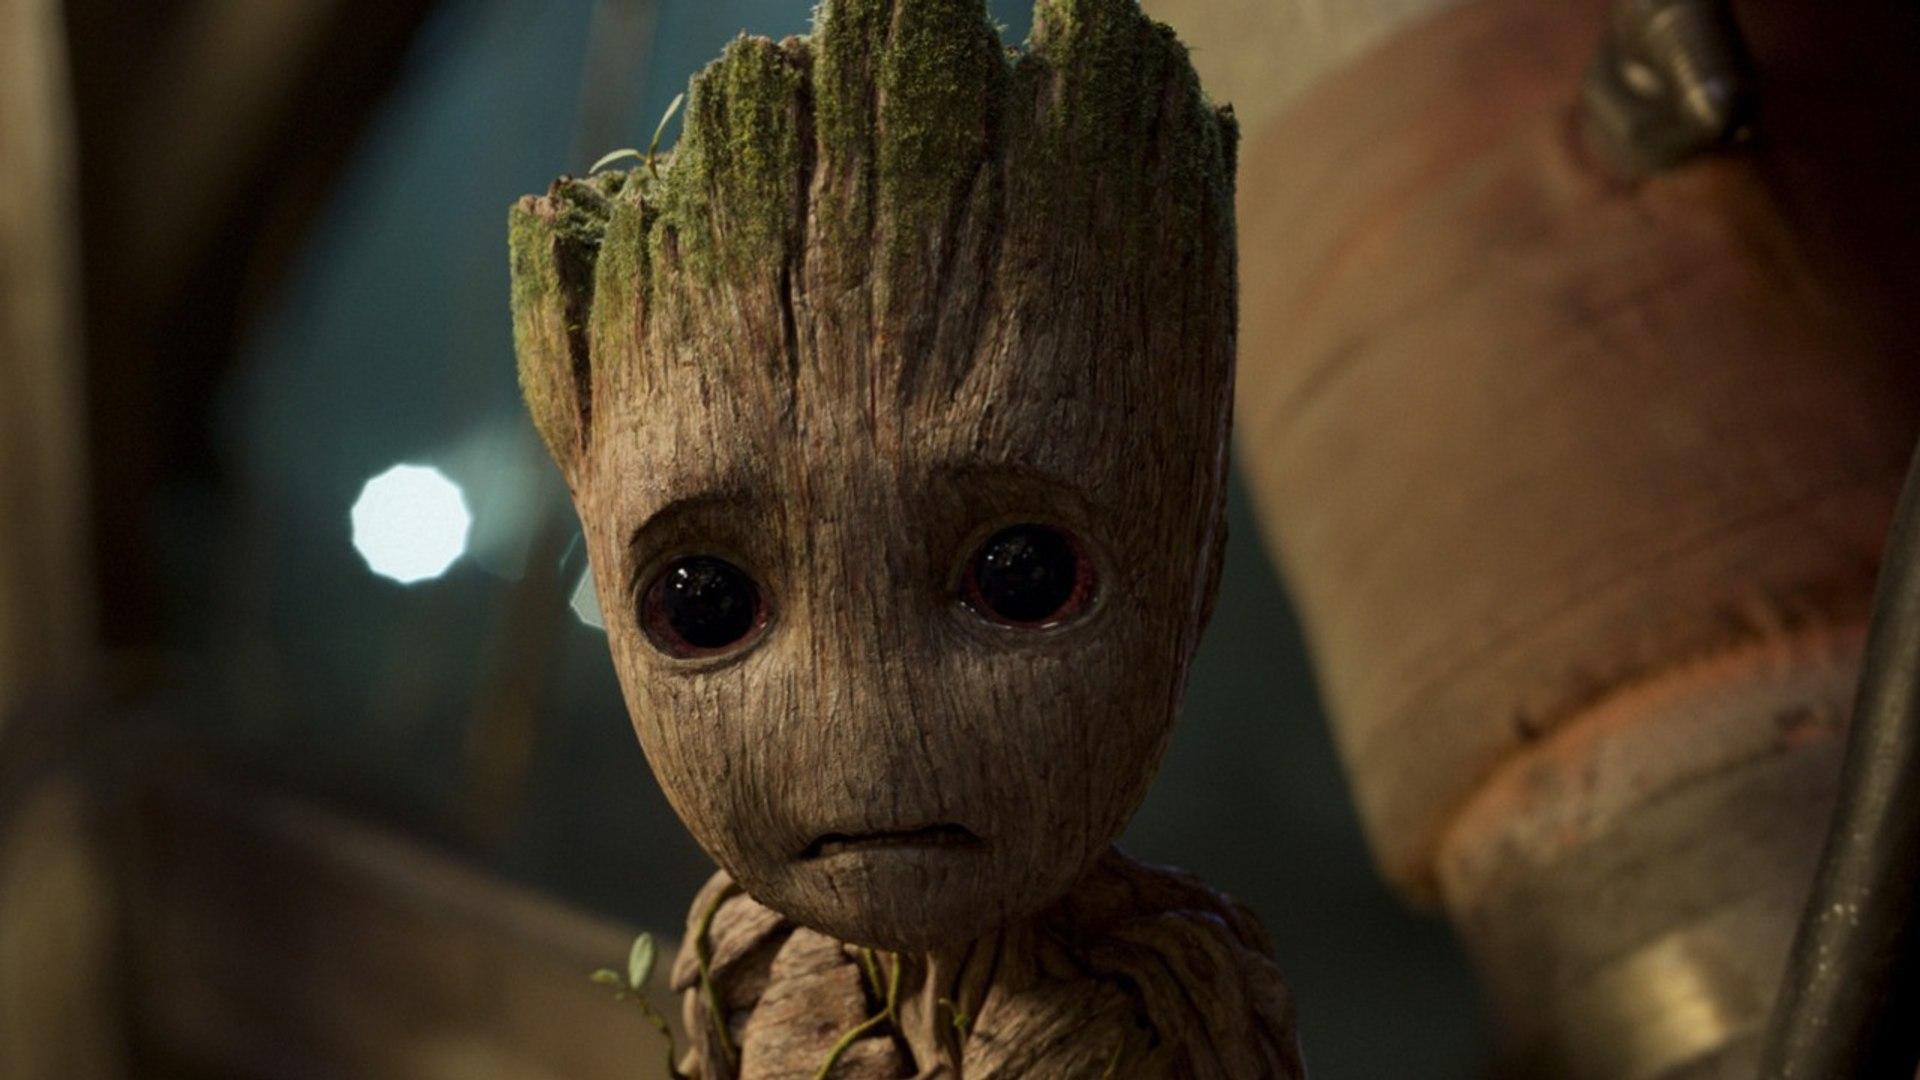 Guardians Director Reveals Baby Groot Is Groot's Son